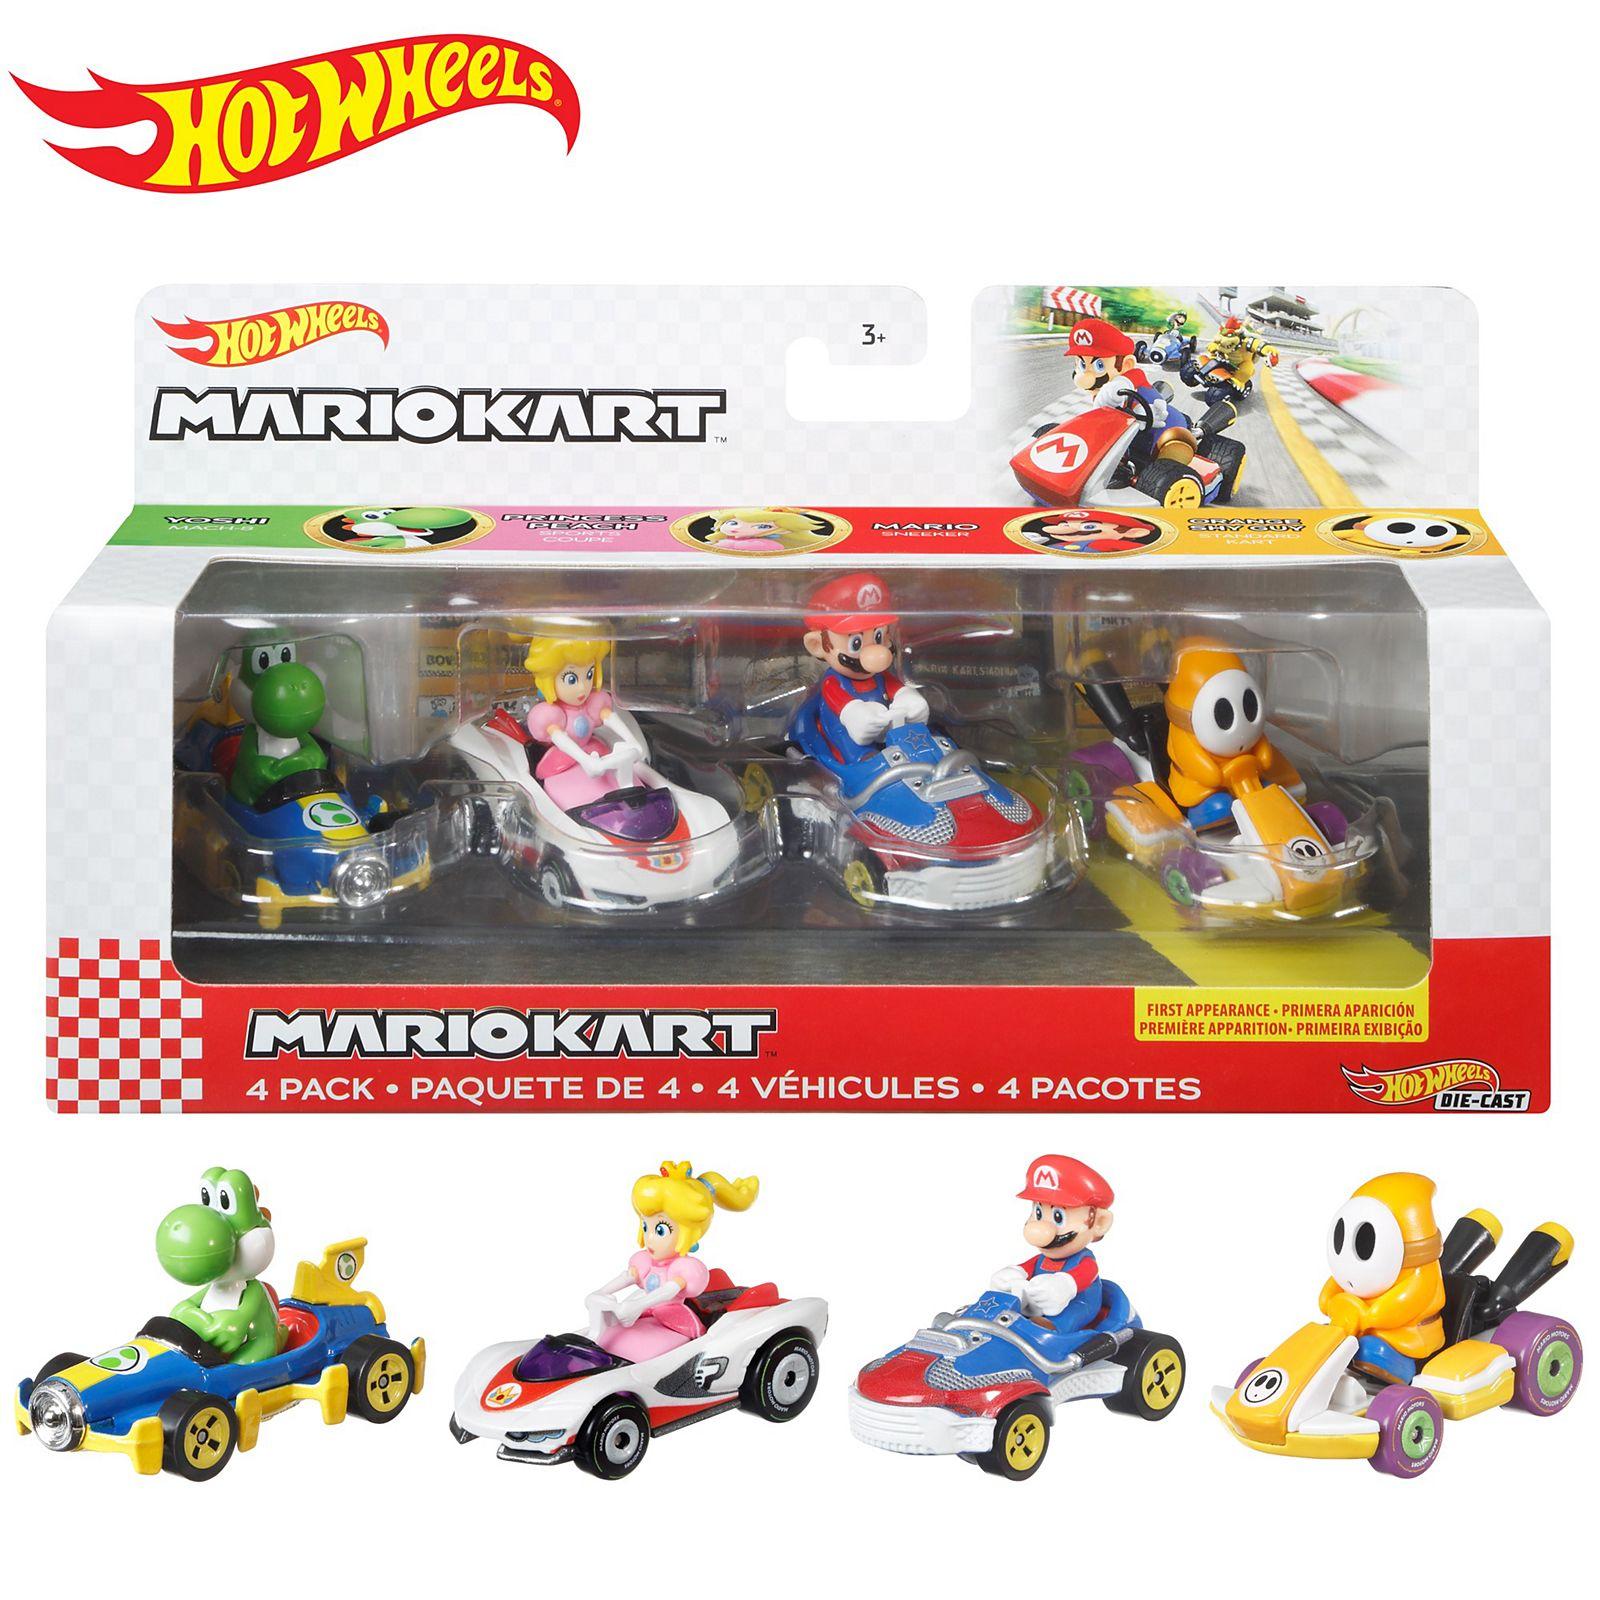 Hot Wheels Mario Kart Pack con 4 Mini Coches